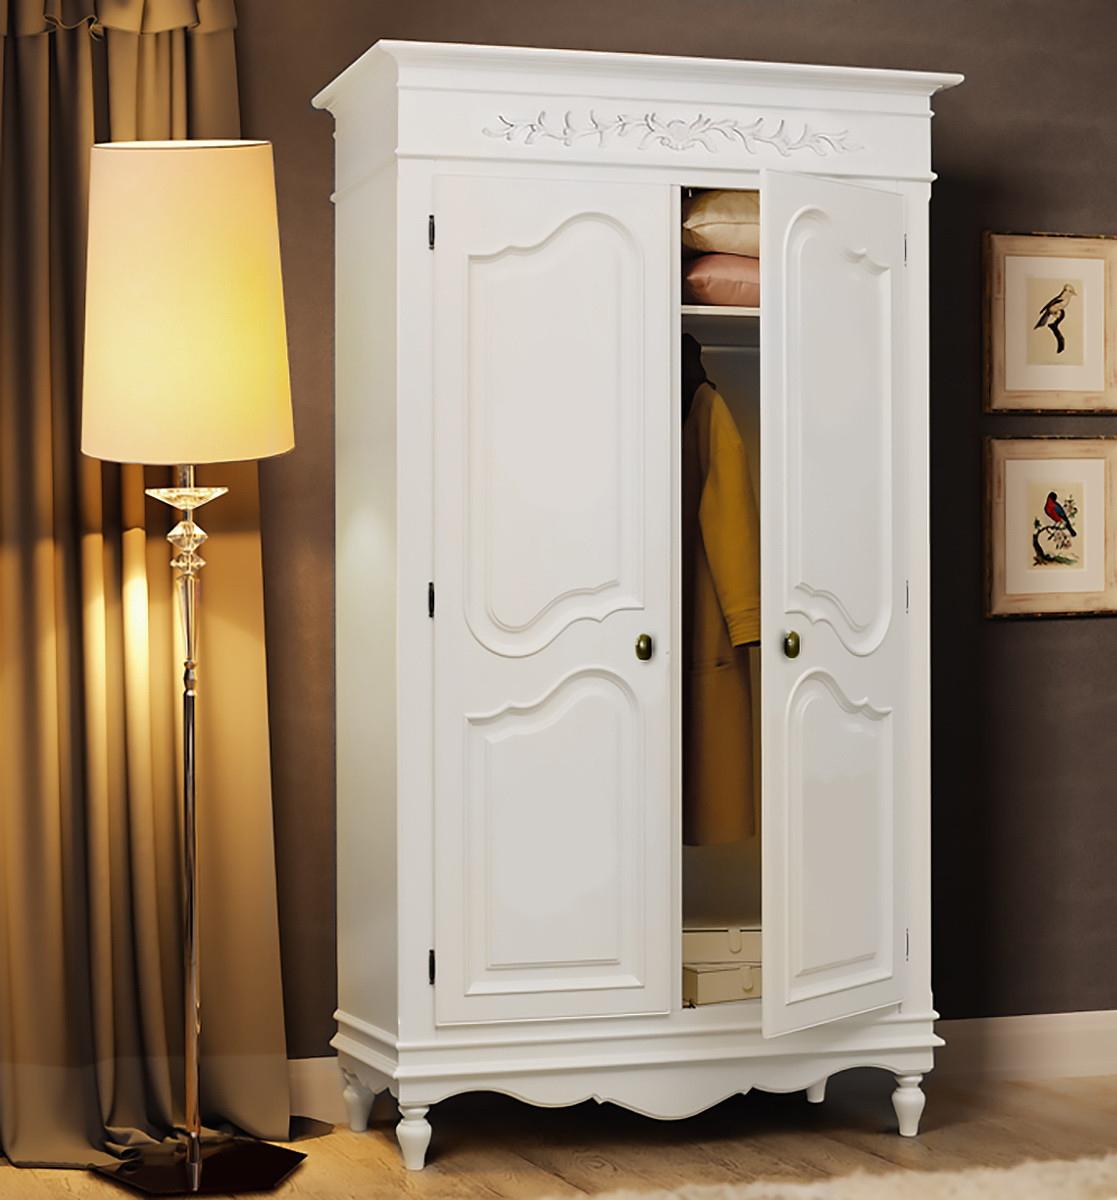 Шкаф двухстворчатый снежный прованс по цене 103500 рублей в .